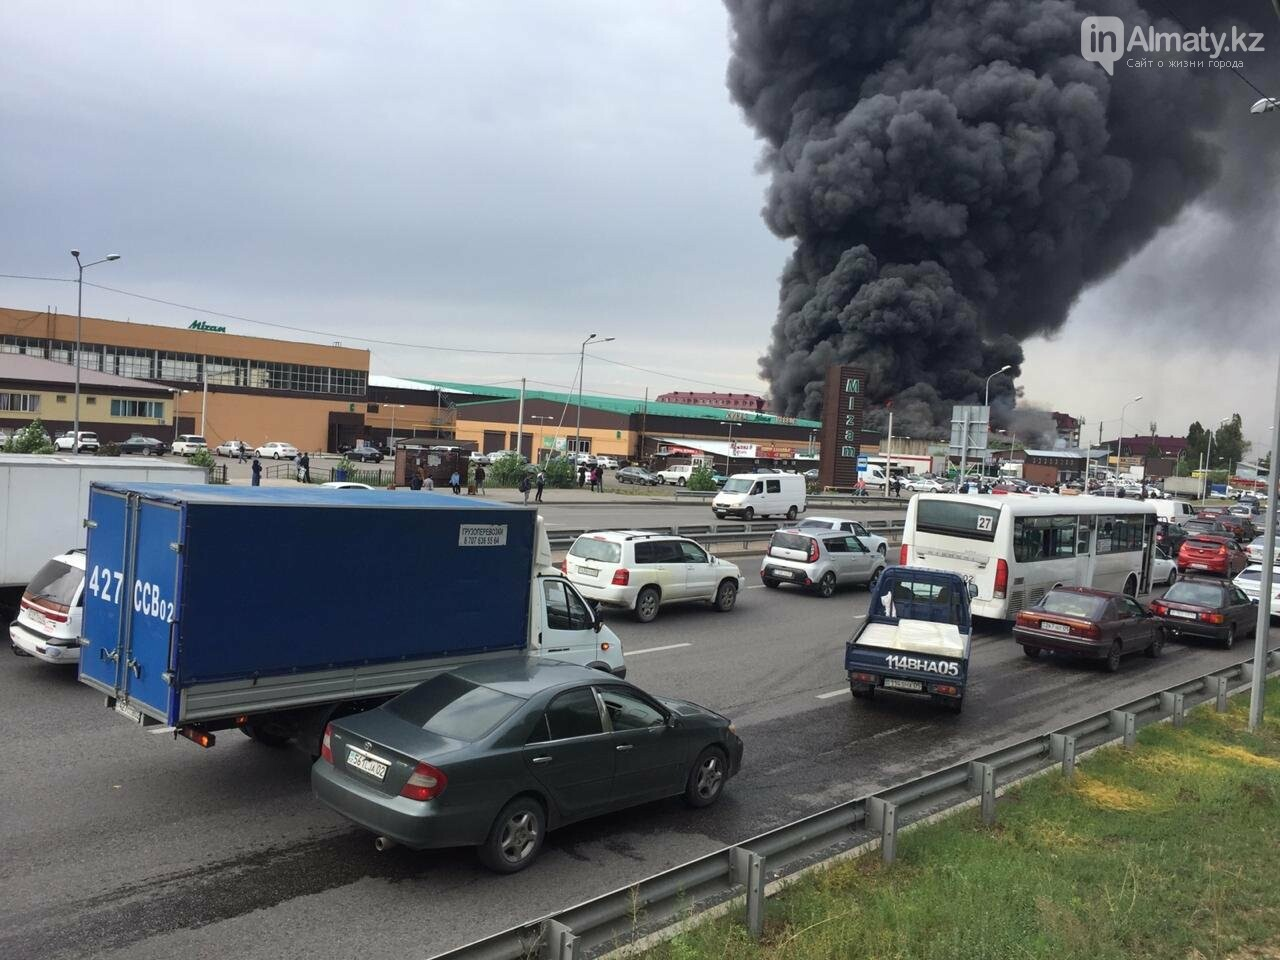 Склад горит на рынке в Алматы, фото-1